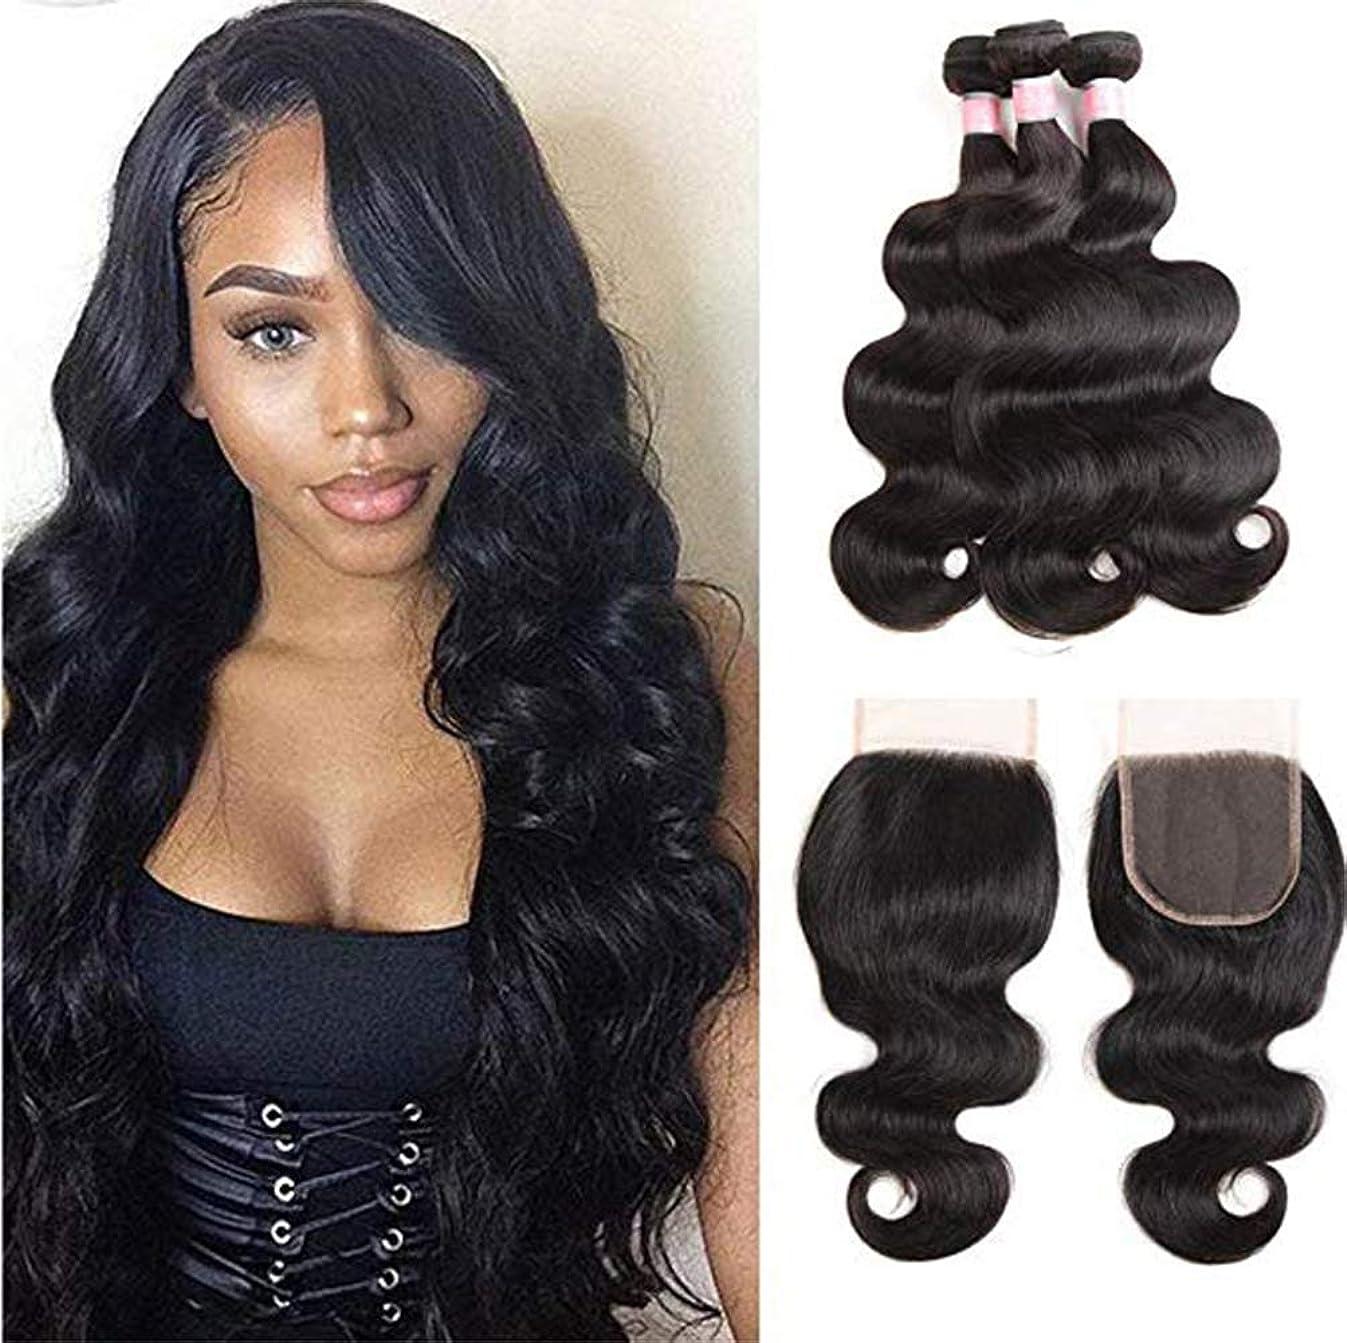 どういたしまして生命体ペインギリック女性8aグレードブラジル髪織り実体波髪1バンドル100%未処理のバージン人間の髪ダブル横糸ソフトと太い髪織り